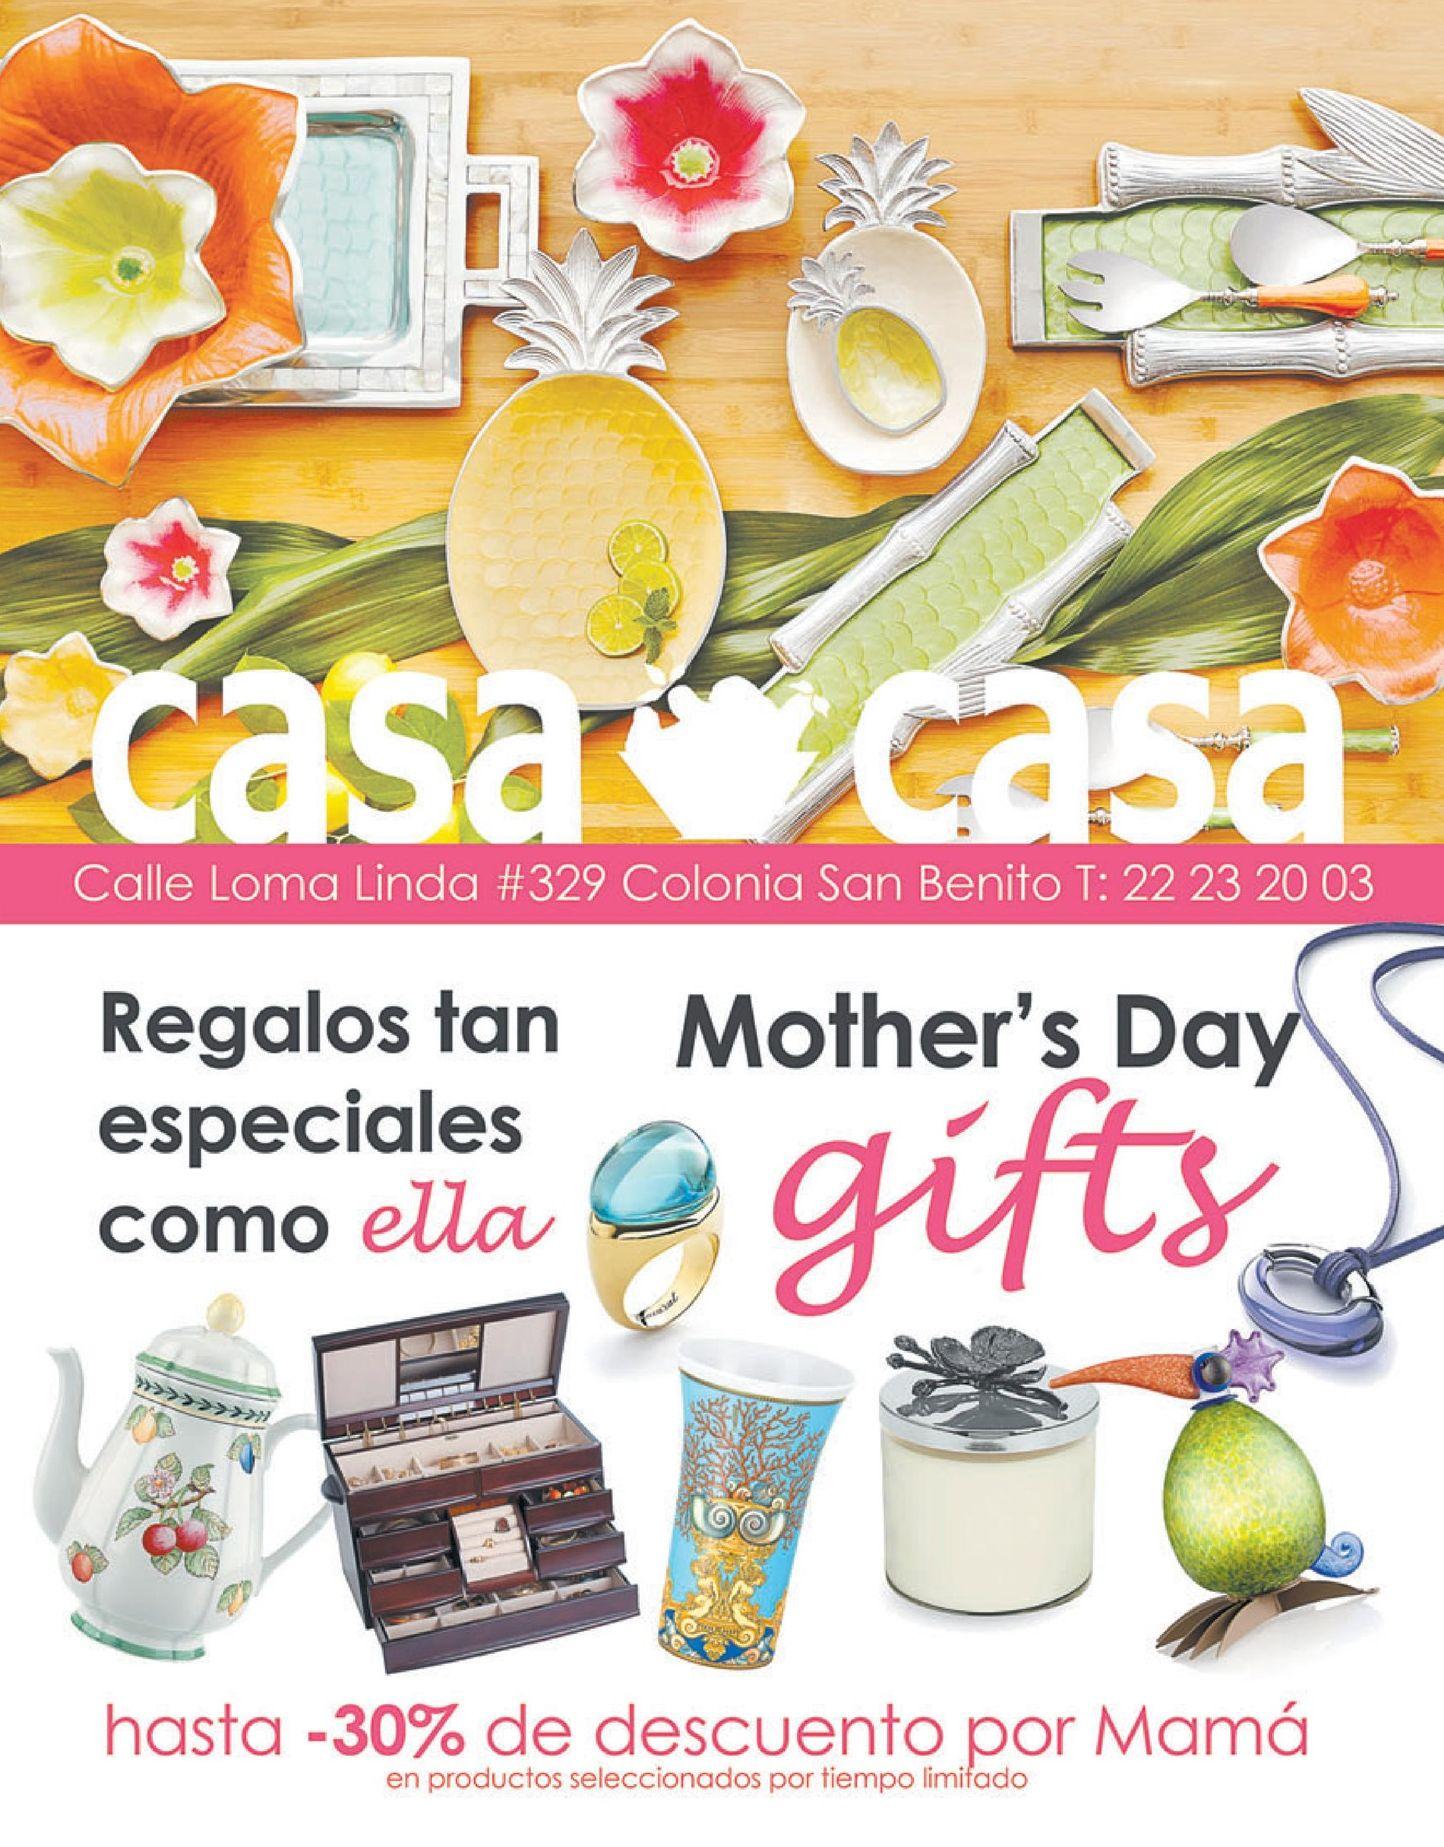 regalos especiales para ella MOTHERS DAY GIFTS